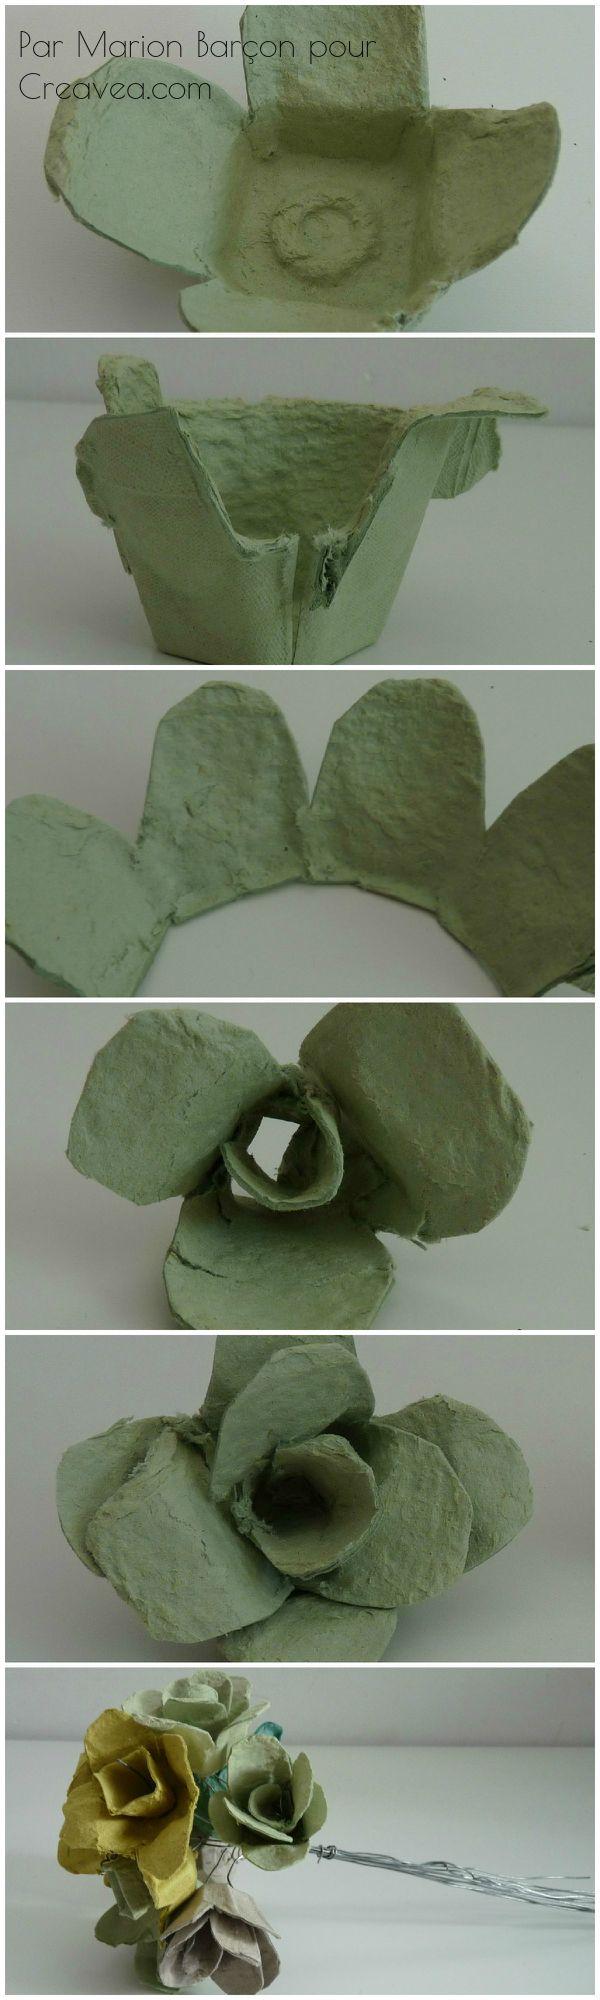 Tuto pour faire un bouquet de fleurs à partir de boîtes d'oeufs pour la fête des mères (ou des grands-mères). Explications détaillées en français sur le site Creavea.com